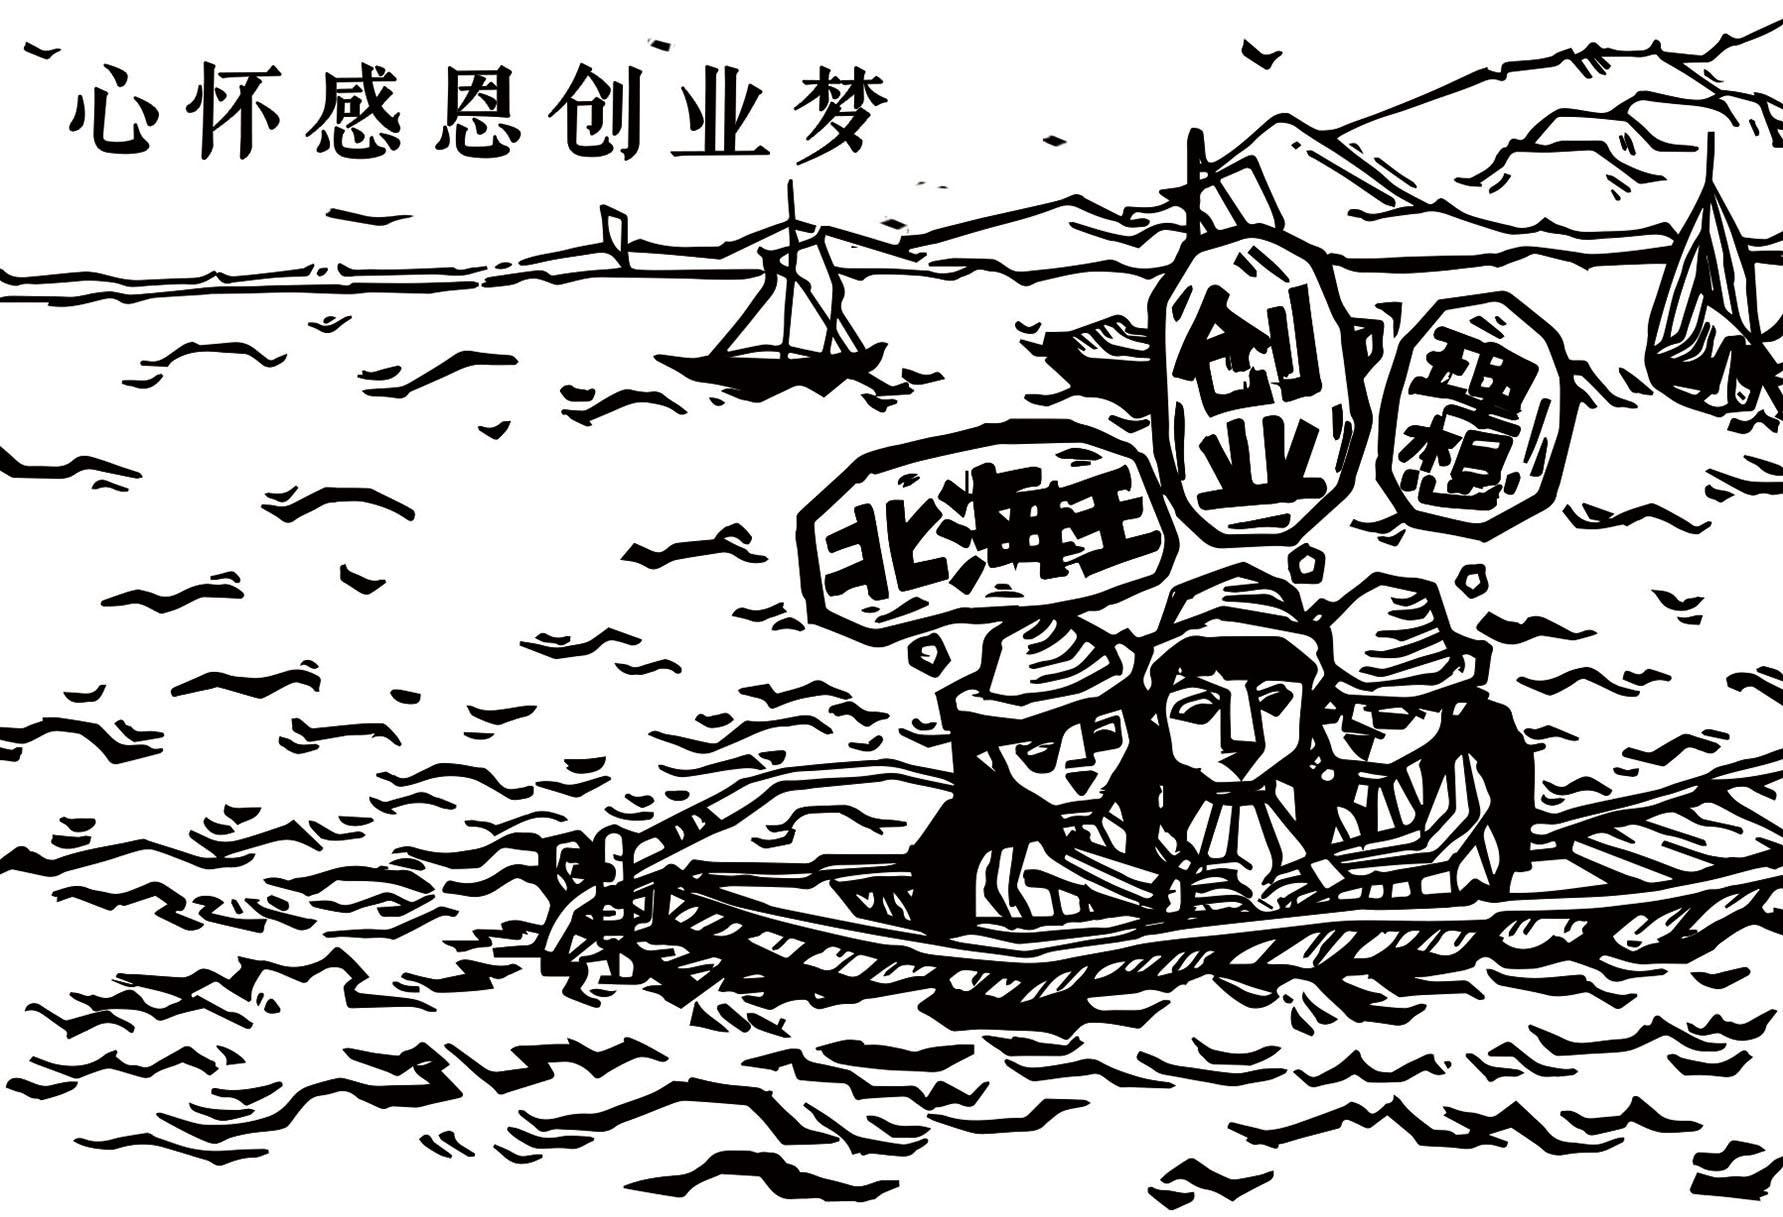 鱼筌的原理_模型图   建造过程   竹编艺术装置   向邵族长老学习制作鱼筌(放置于河流中捕鱼的竹制陷阱),将鱼筌的制作方法用于一件装置艺术的创作,透过